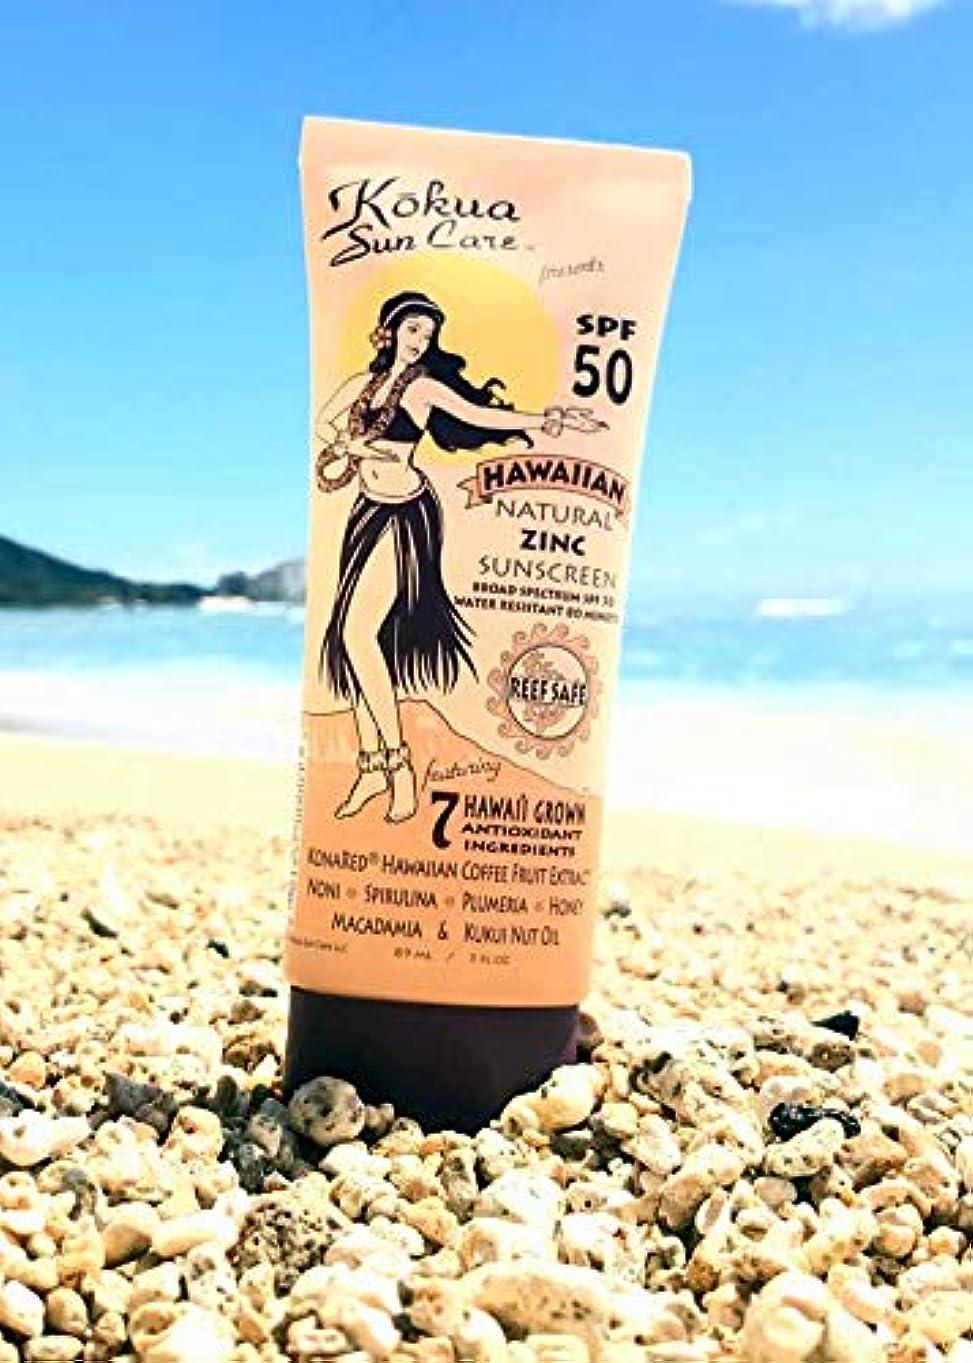 体操選手ストローにやにやコクア サン ケア Kokua Sun Care 日焼け止め サンスクリーン オーガニック Natural Sunscreen SPF 50 89ml 3FL OZ